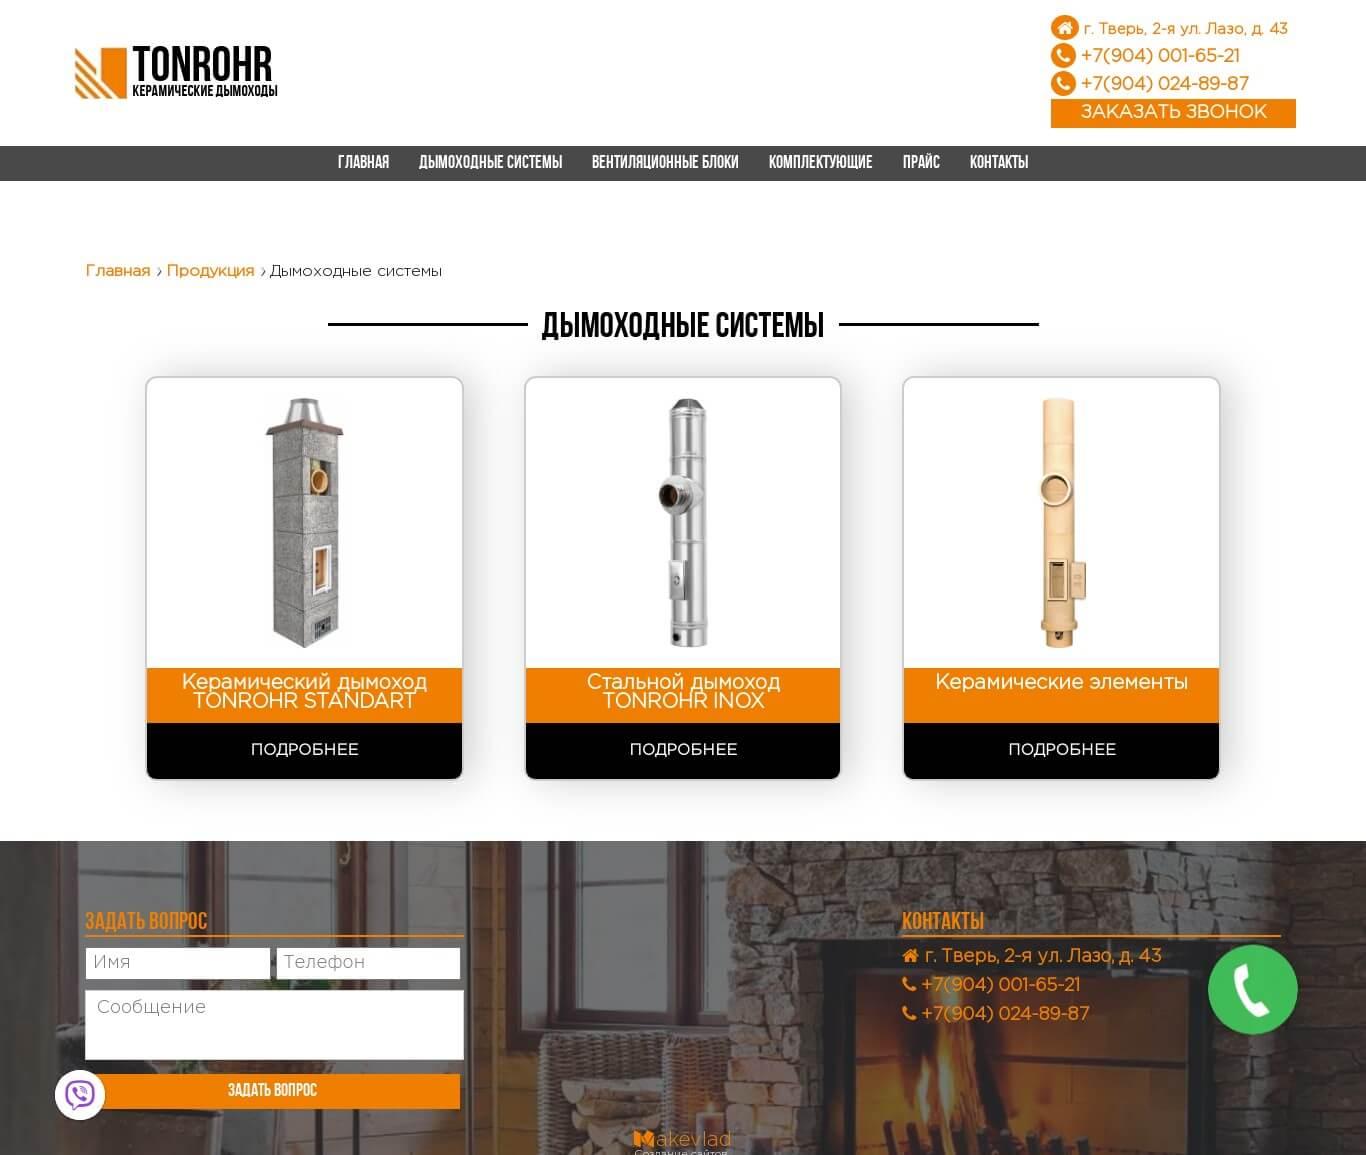 Скриншот №2 страницы сайта во весь экран. Создание сайта для керамических дымоходов